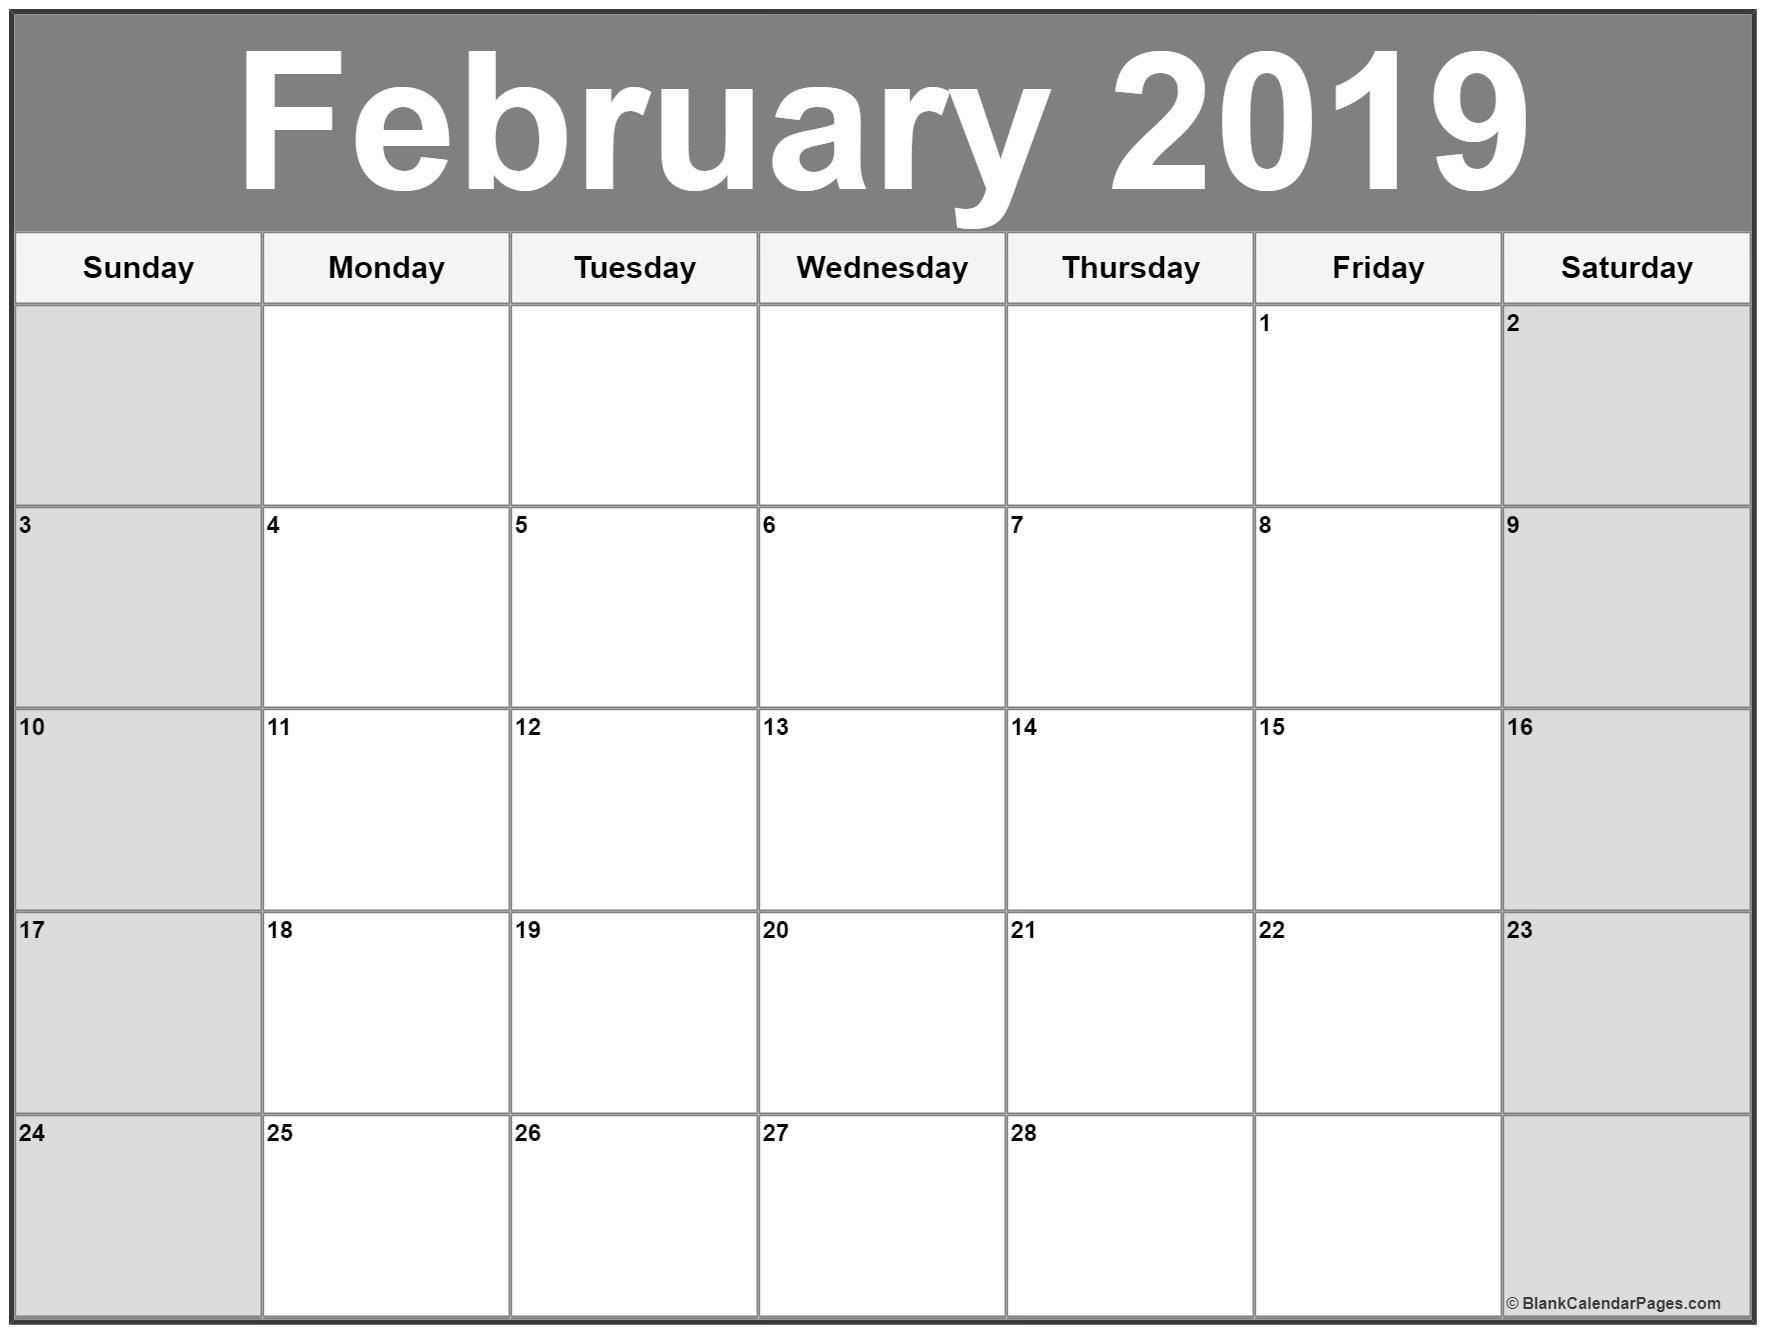 2019 February Calendar Printable February 2019 Calendar